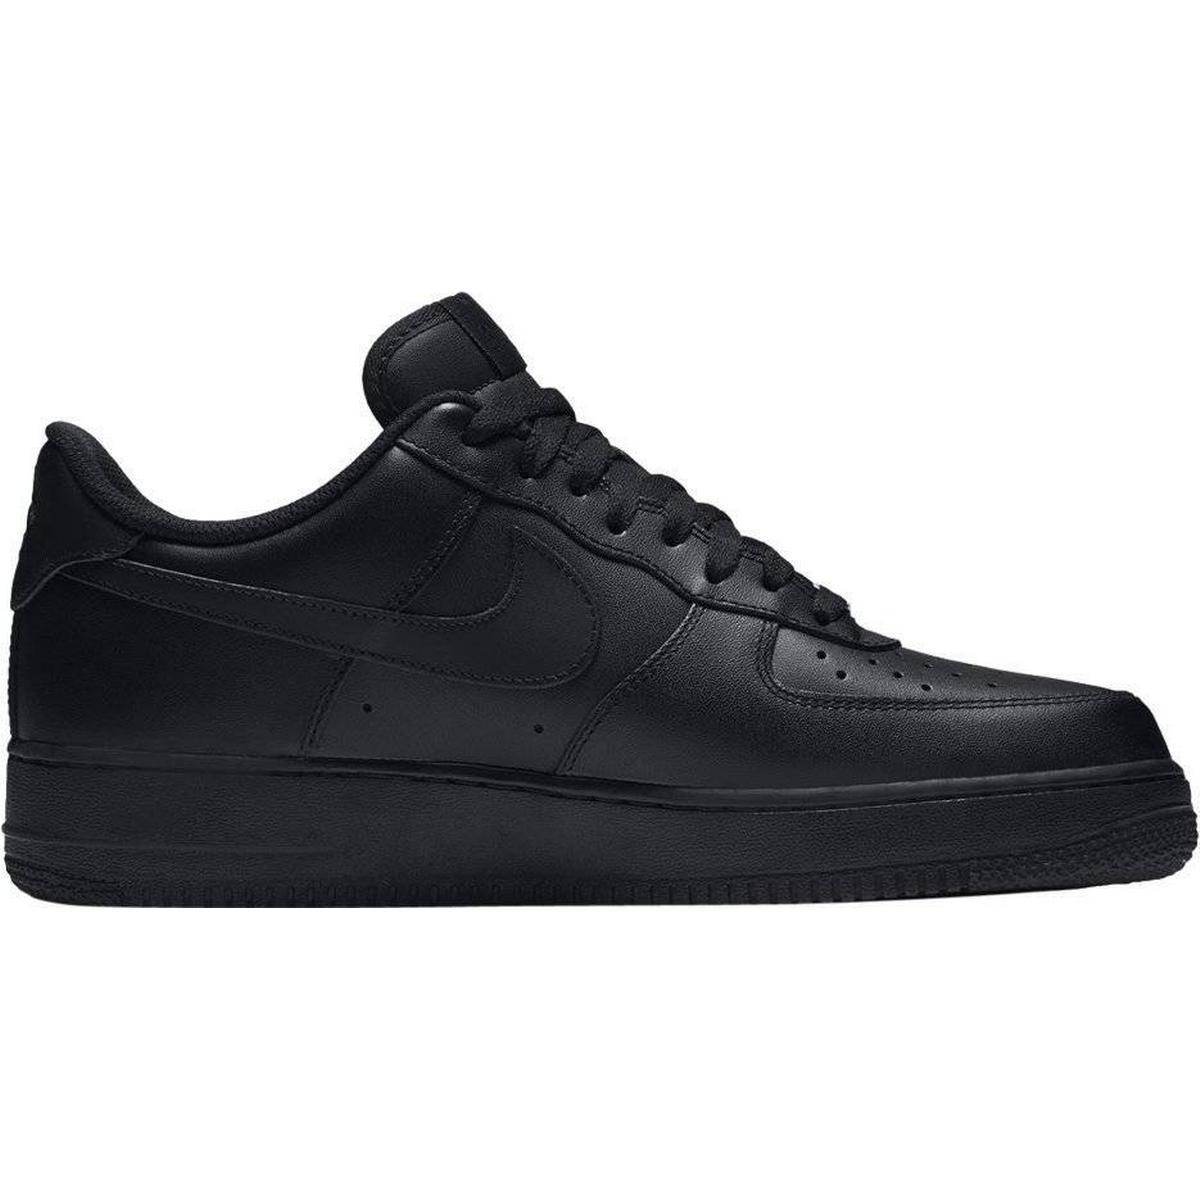 Nike air force 1 black • Find den billigste pris hos